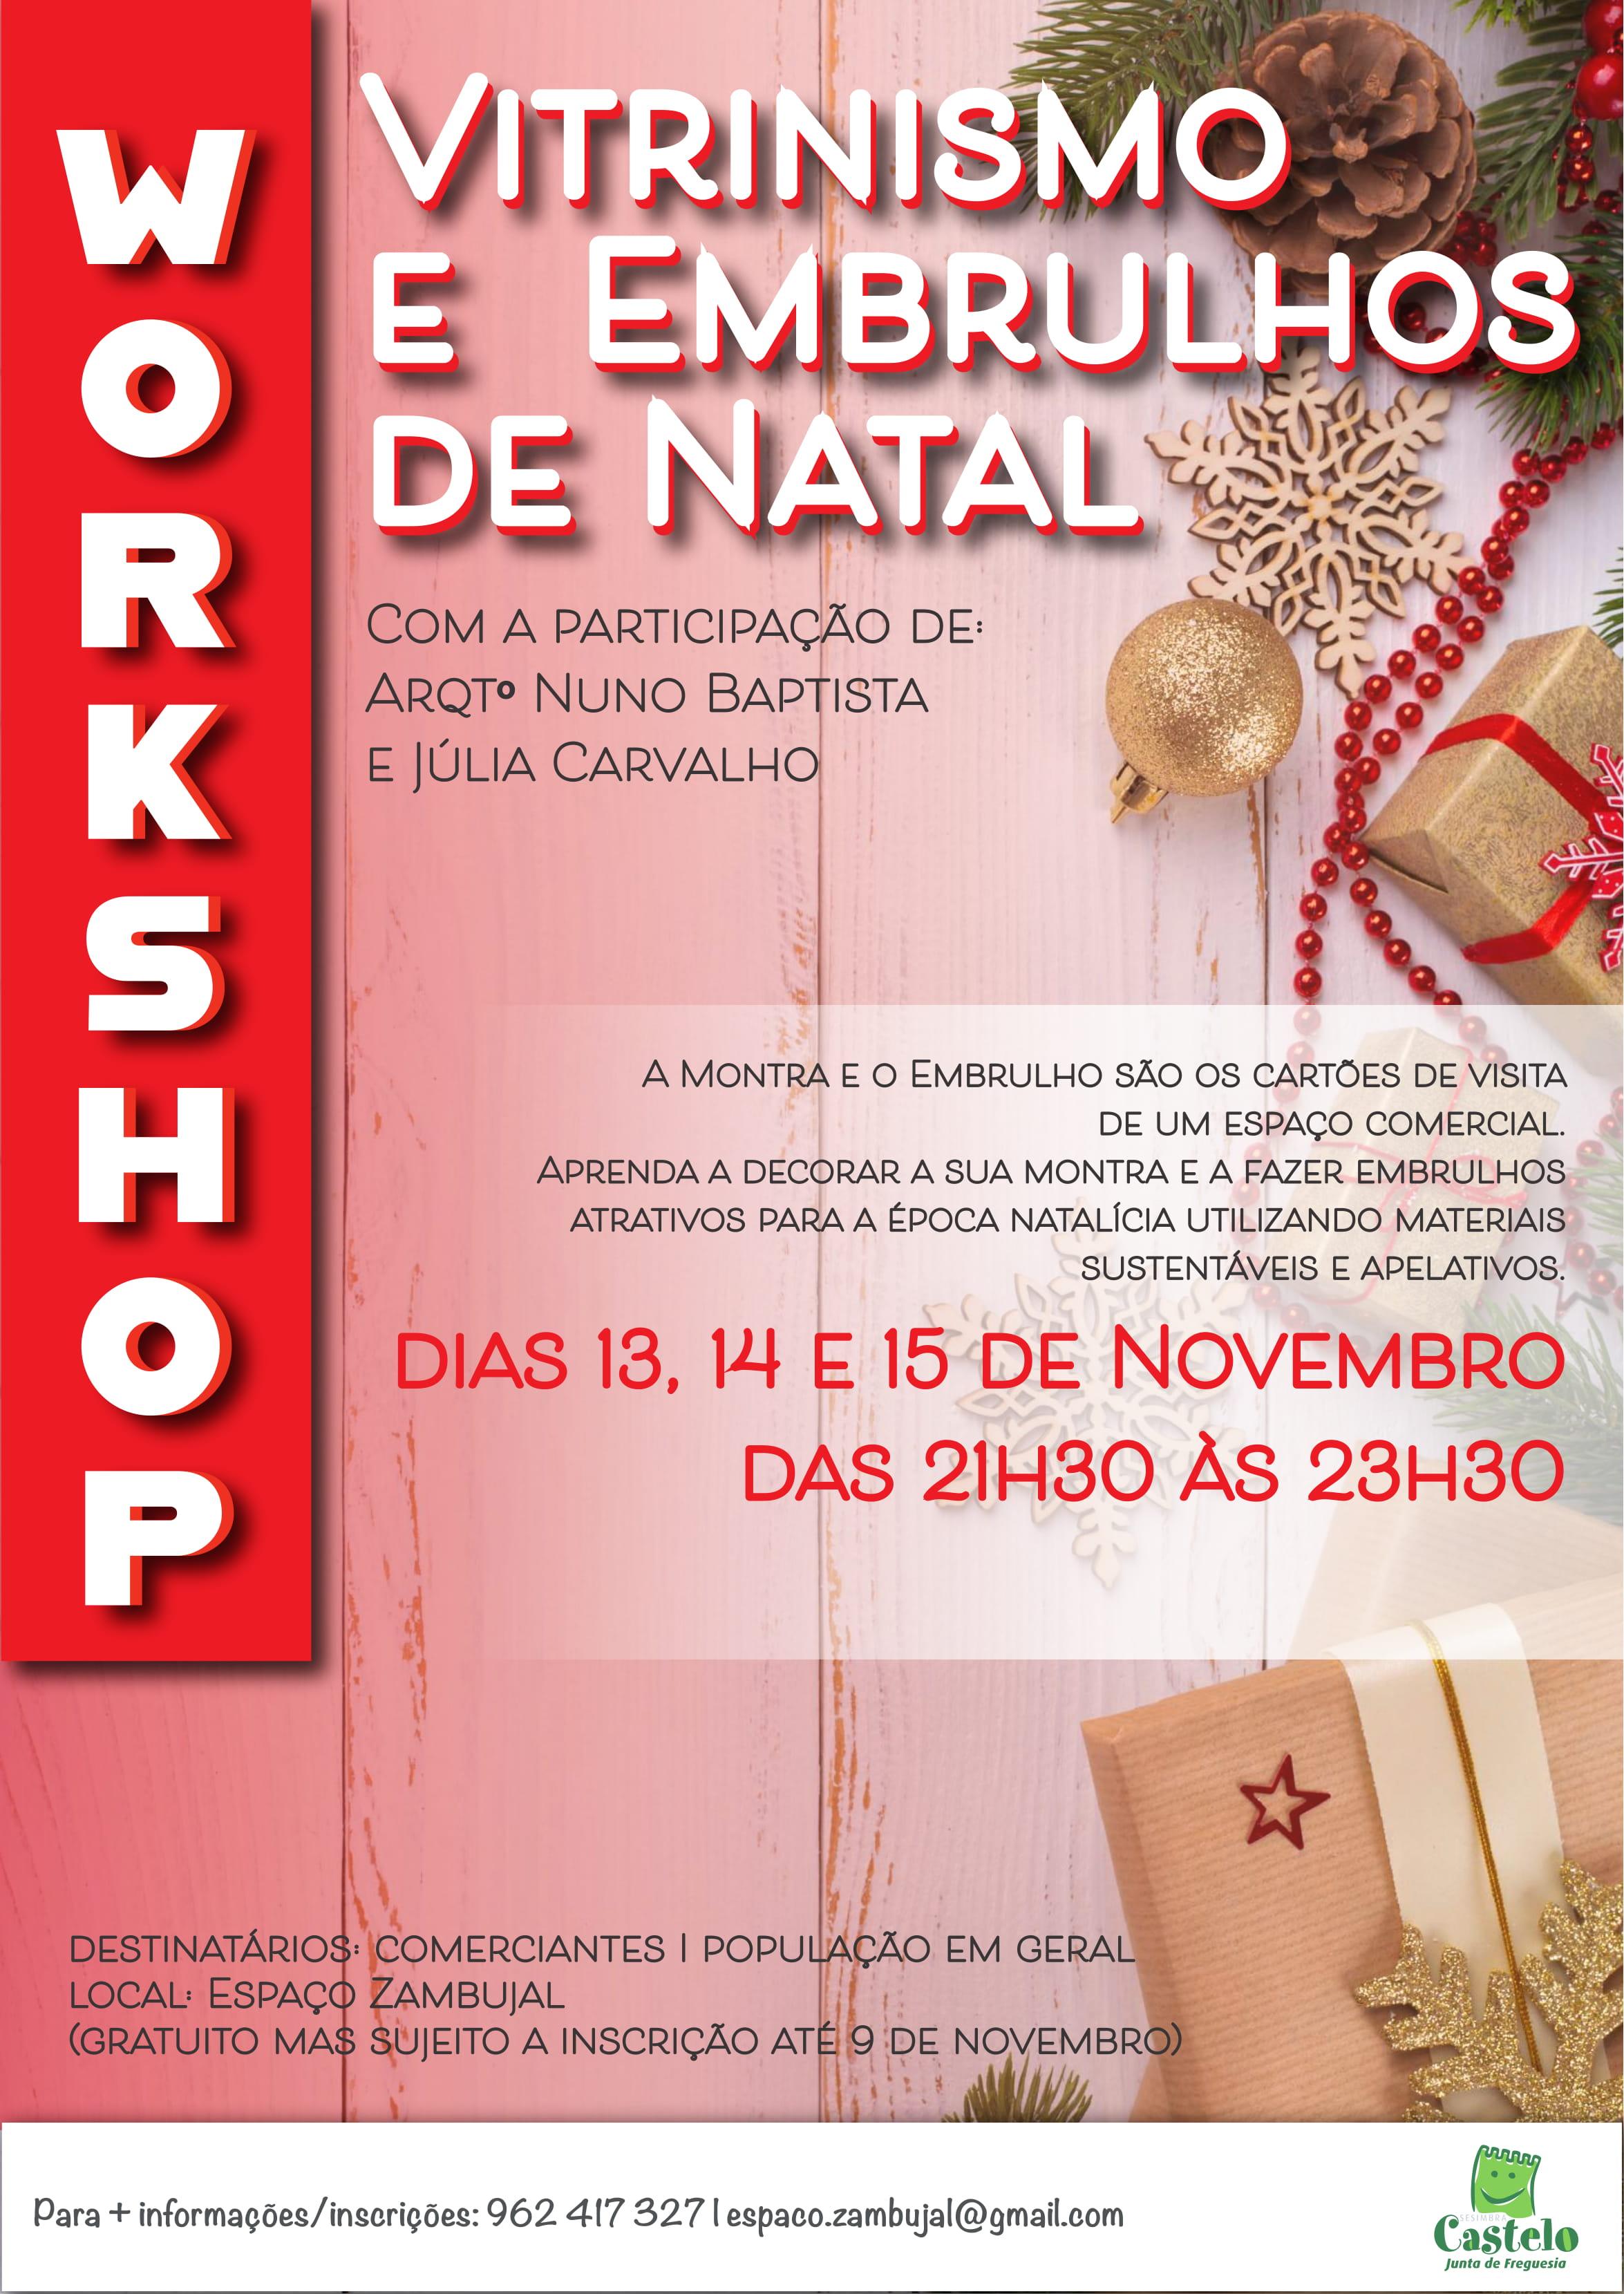 Workshop | Vitrinismo e Embrulhos de Natal